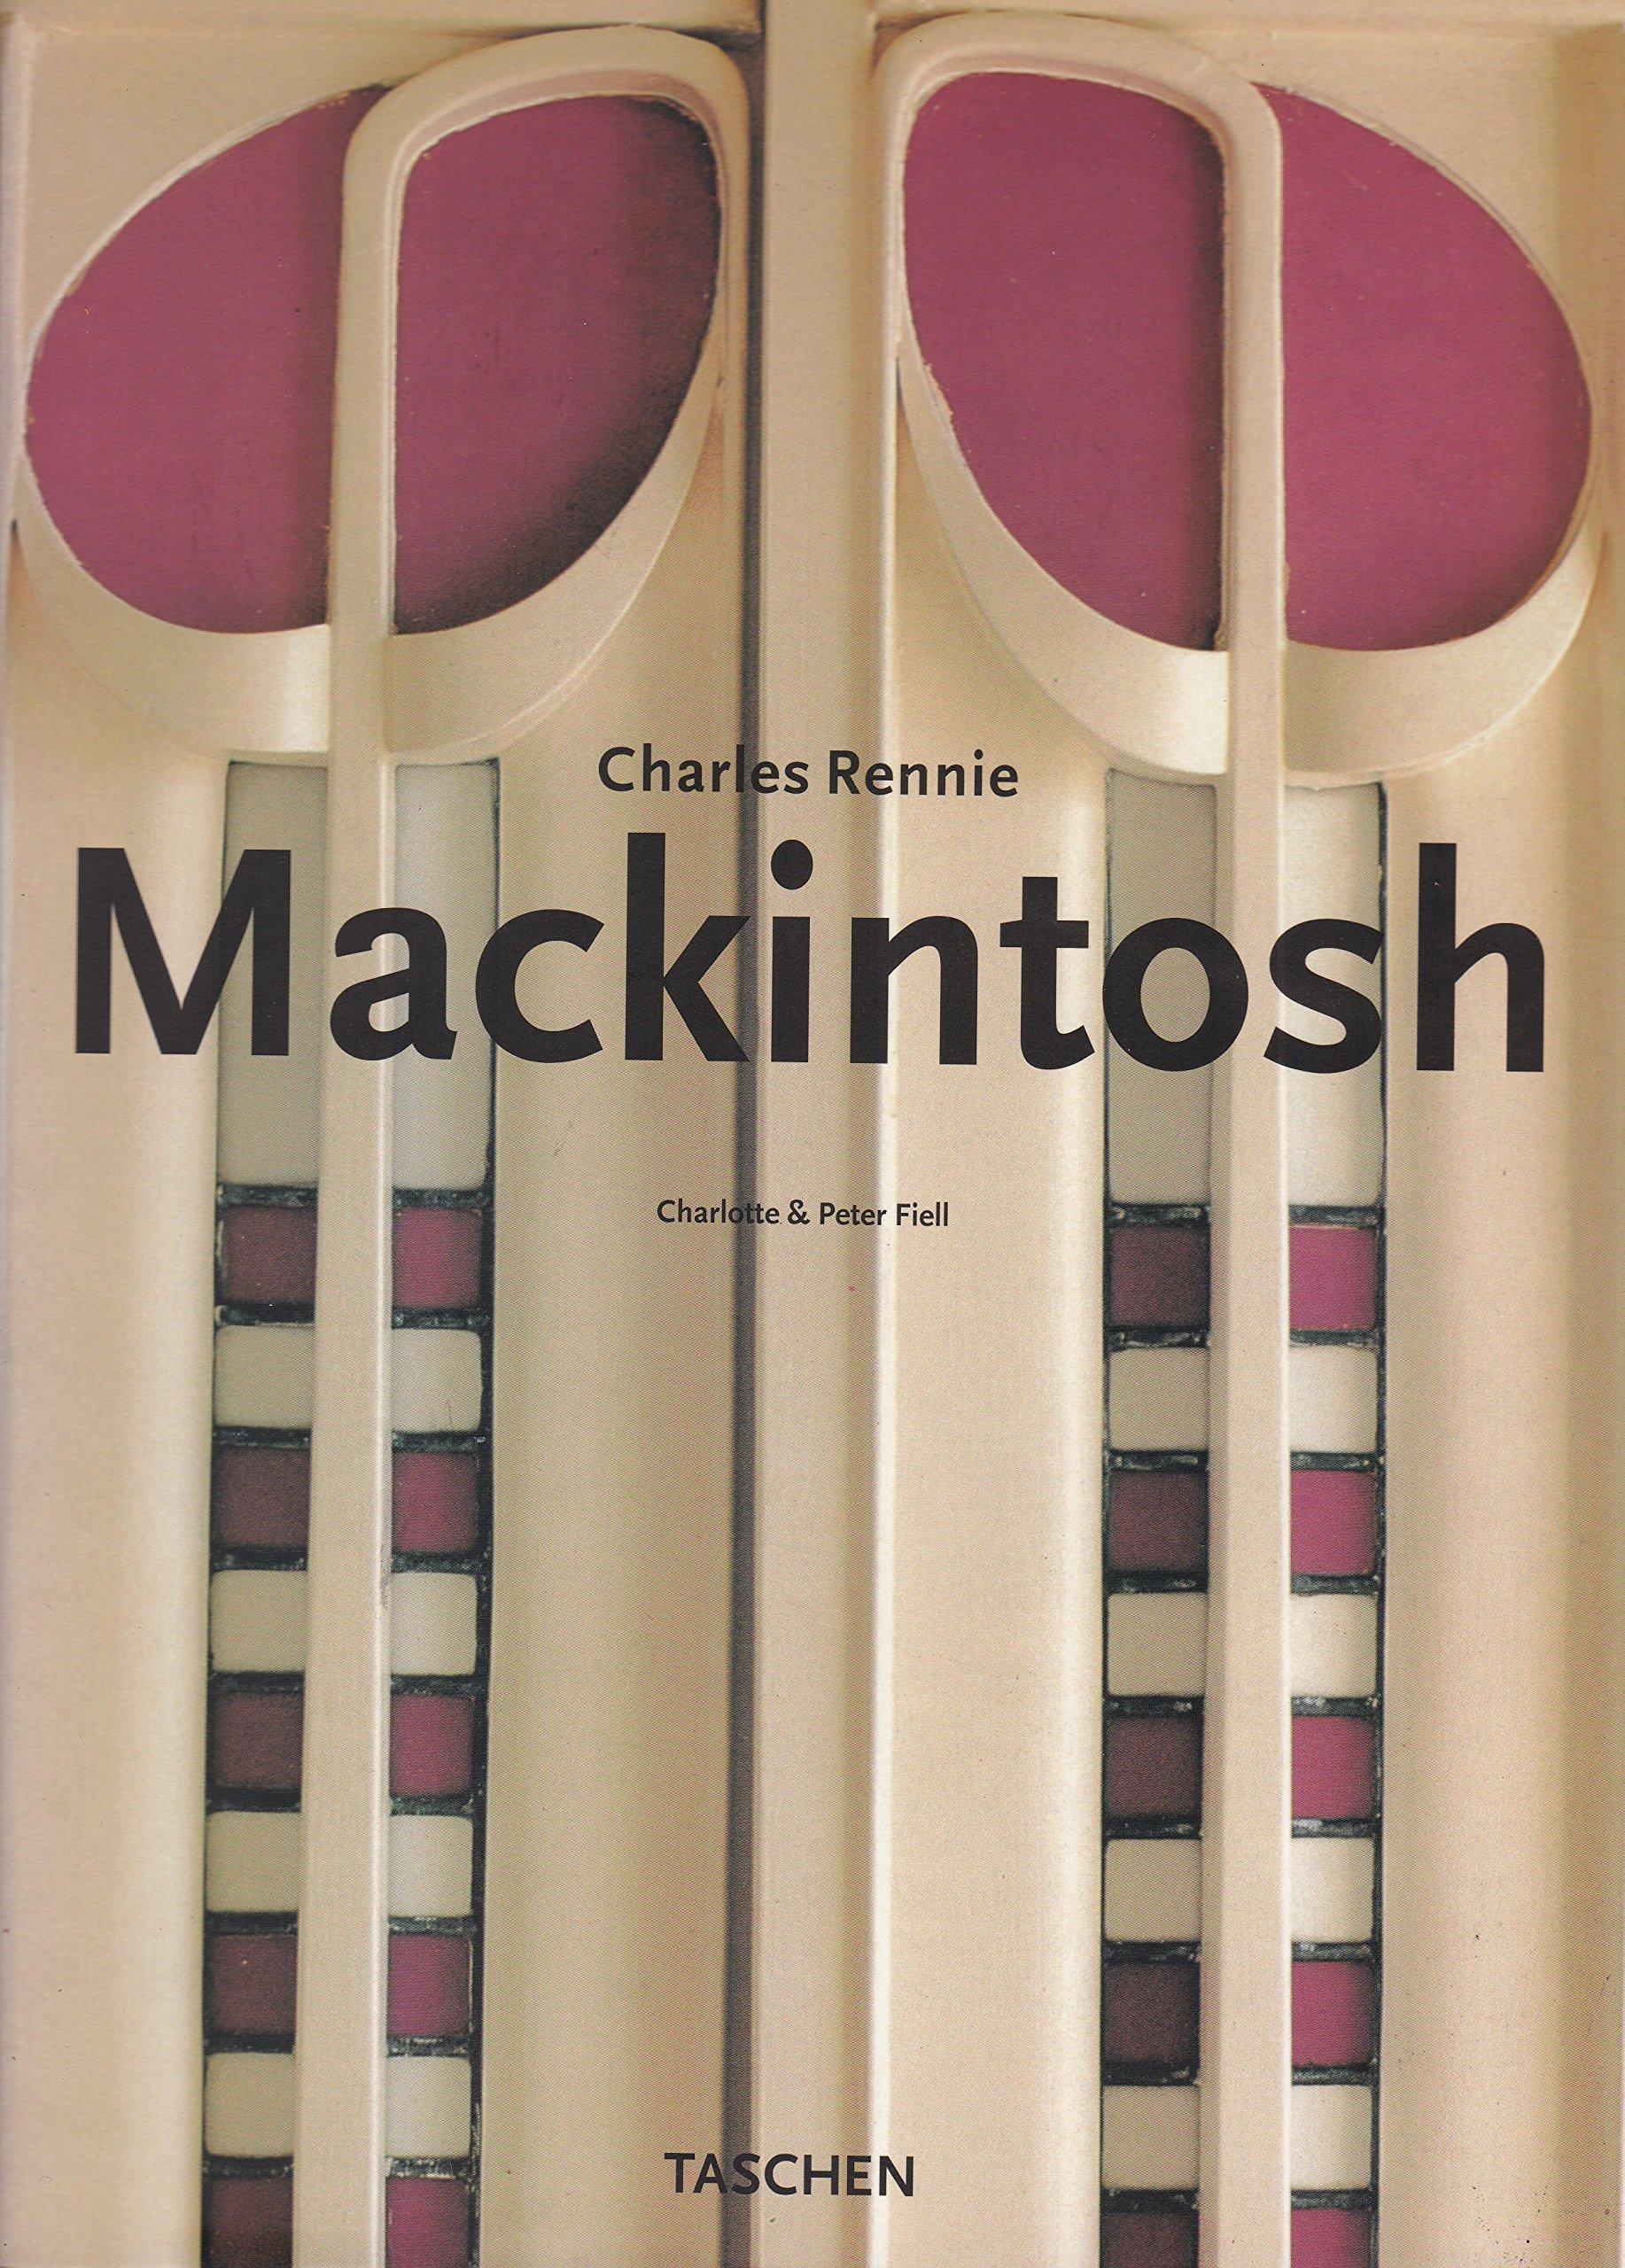 Mackintosh (Architektur und Design)